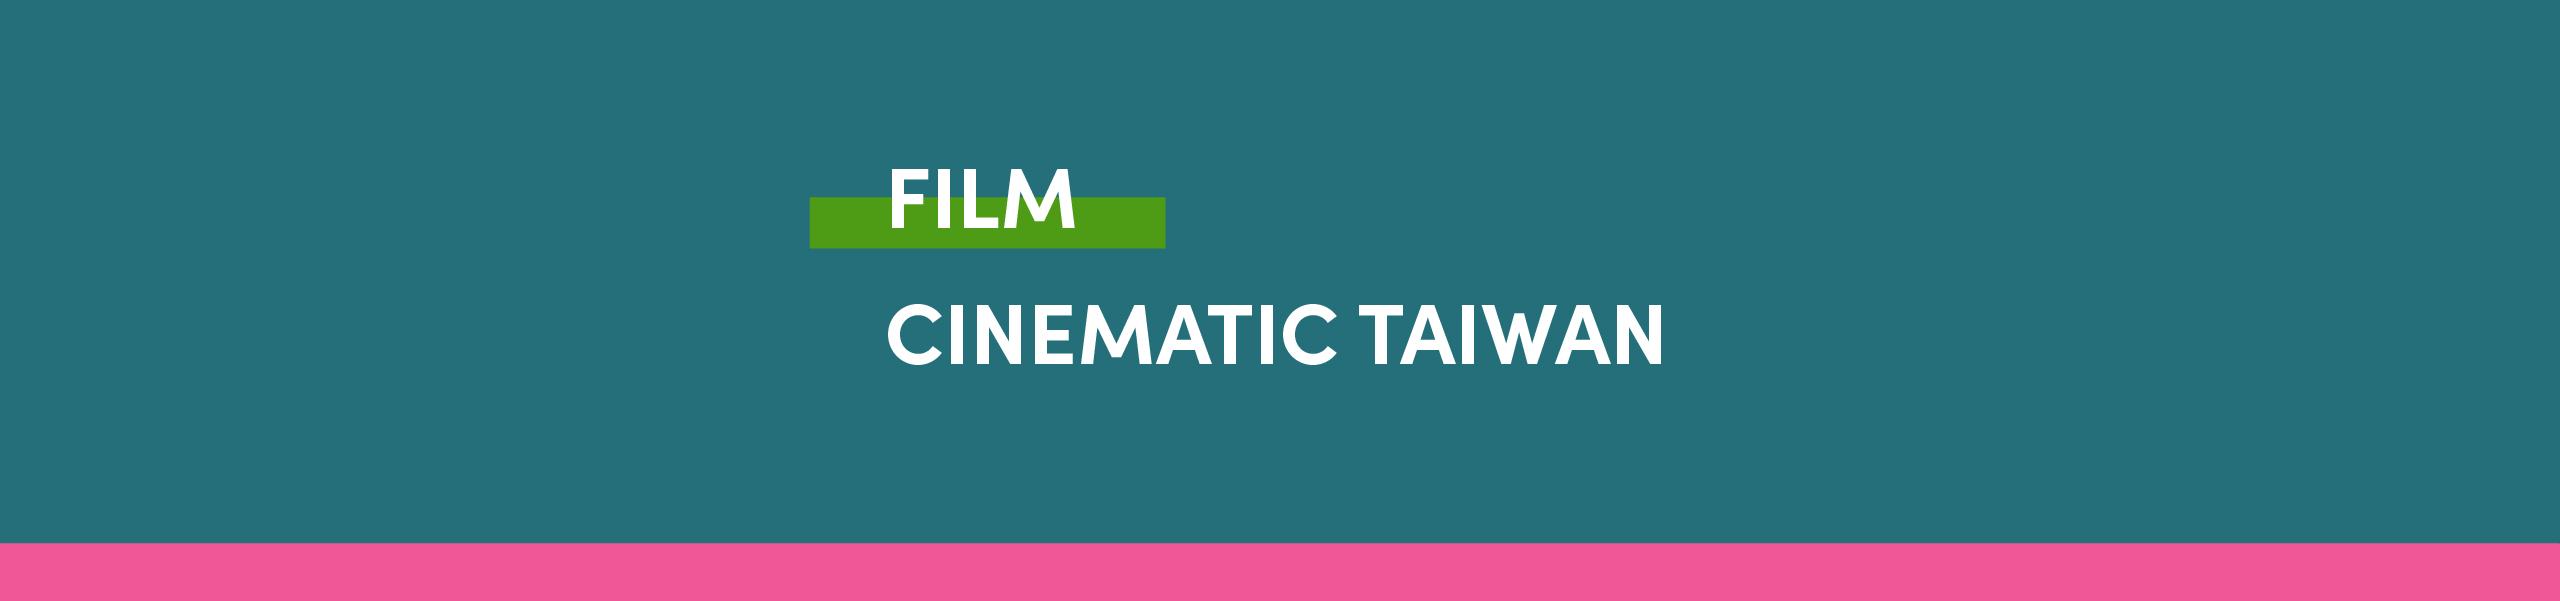 TAIWANfest Letterhead - Film